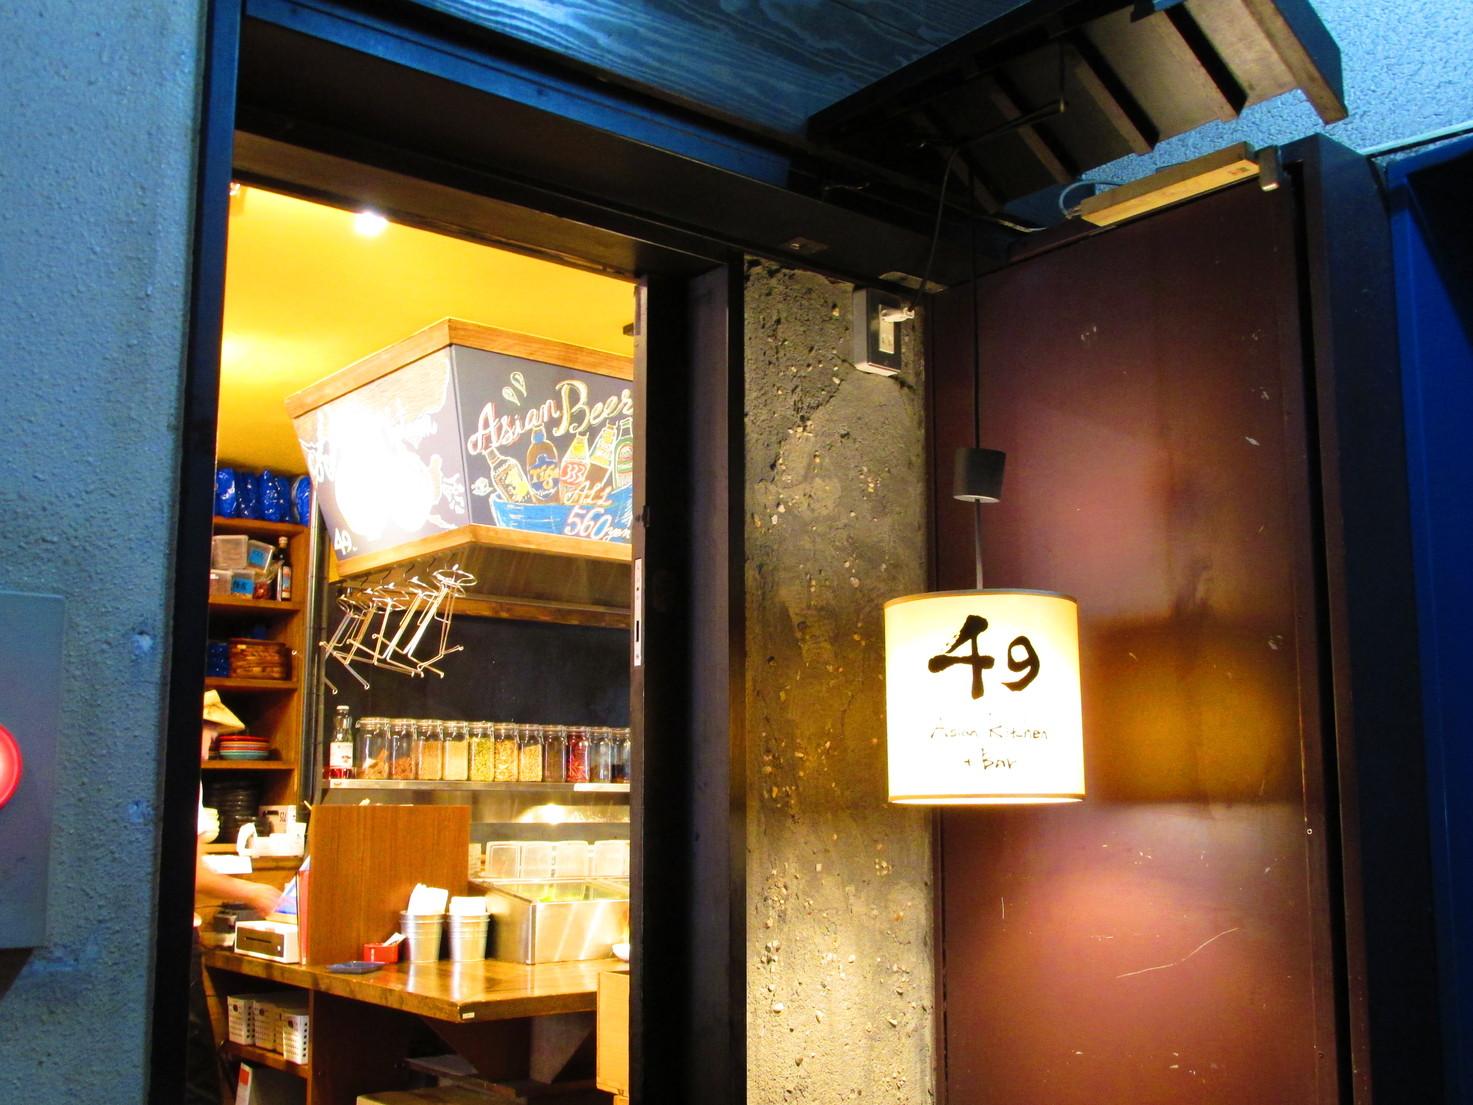 49 Asian Kitchen + Bar